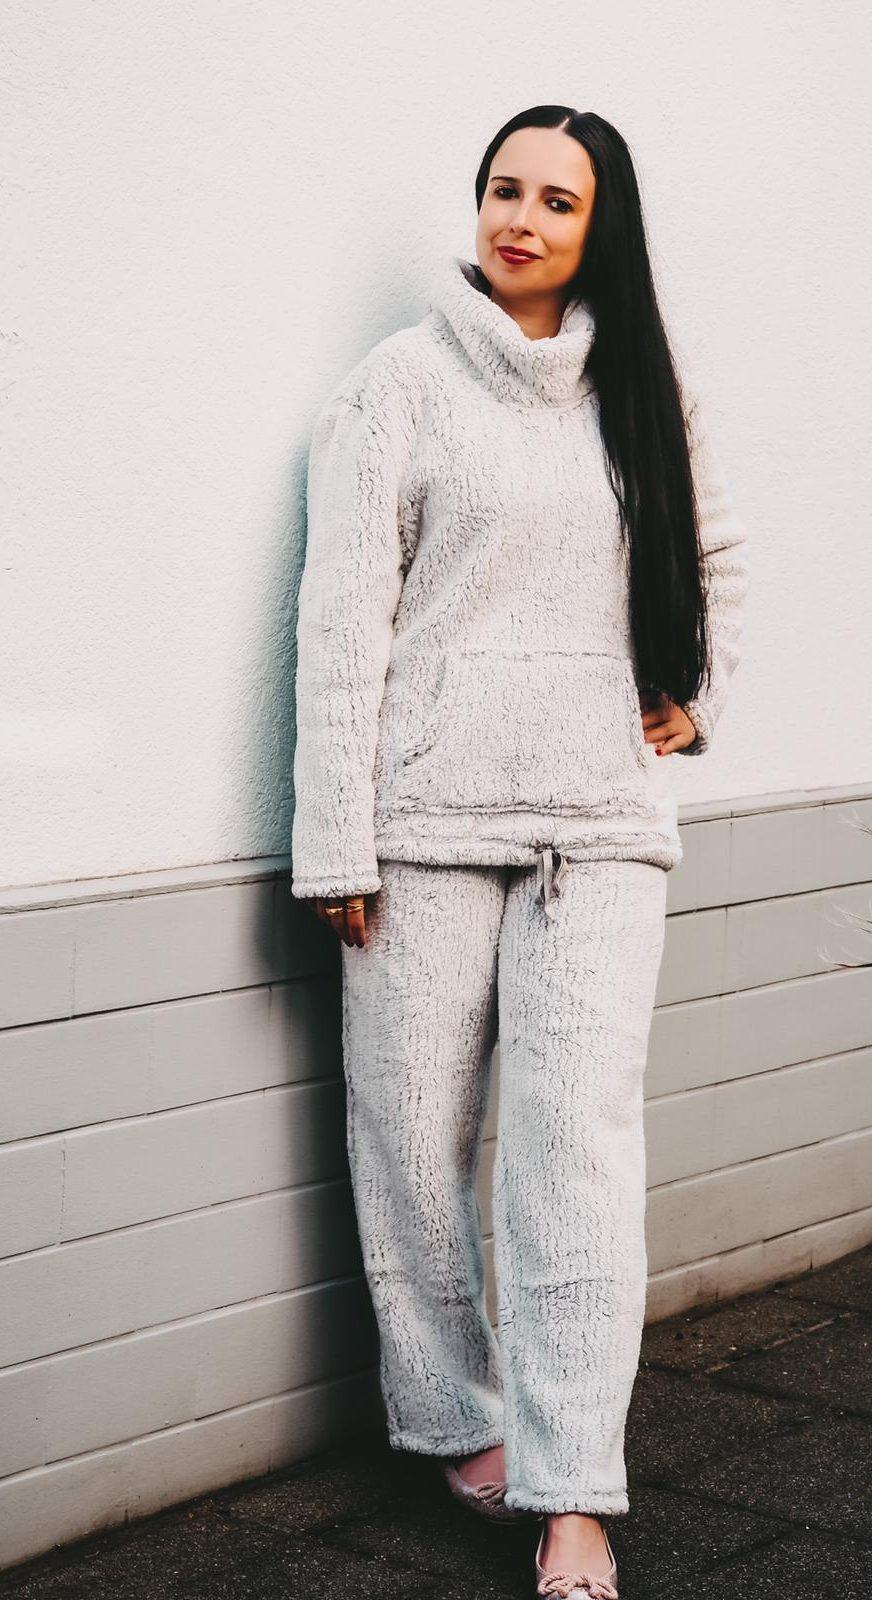 Femmeluxe kreiert super schöne Homewear.